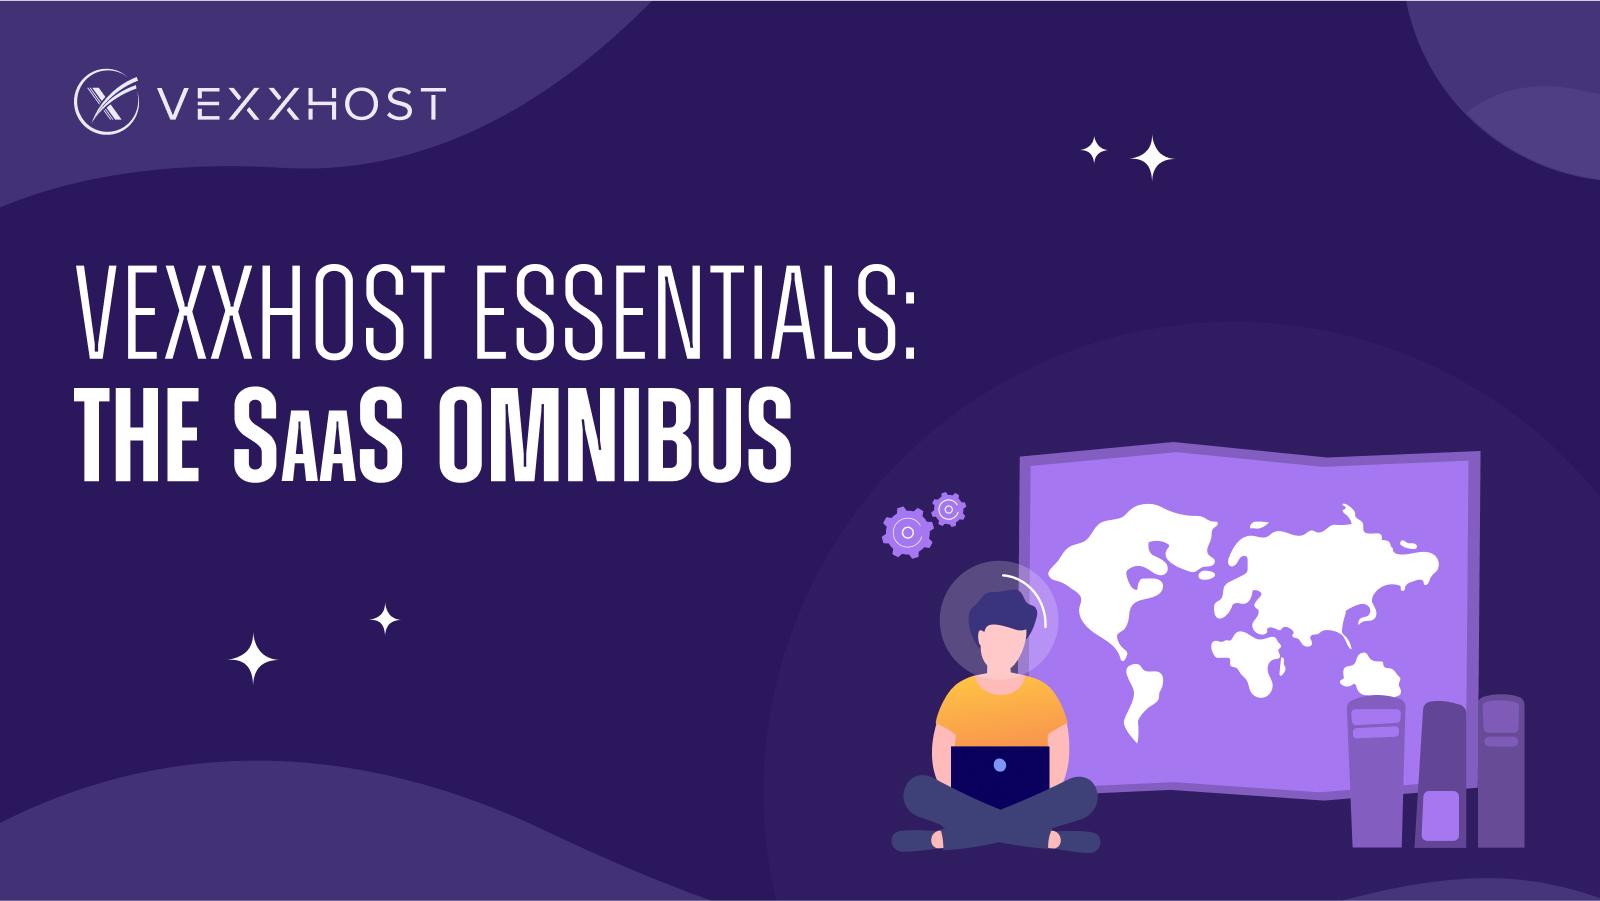 VEXXHOST Essentials: The SaaS Omnibus